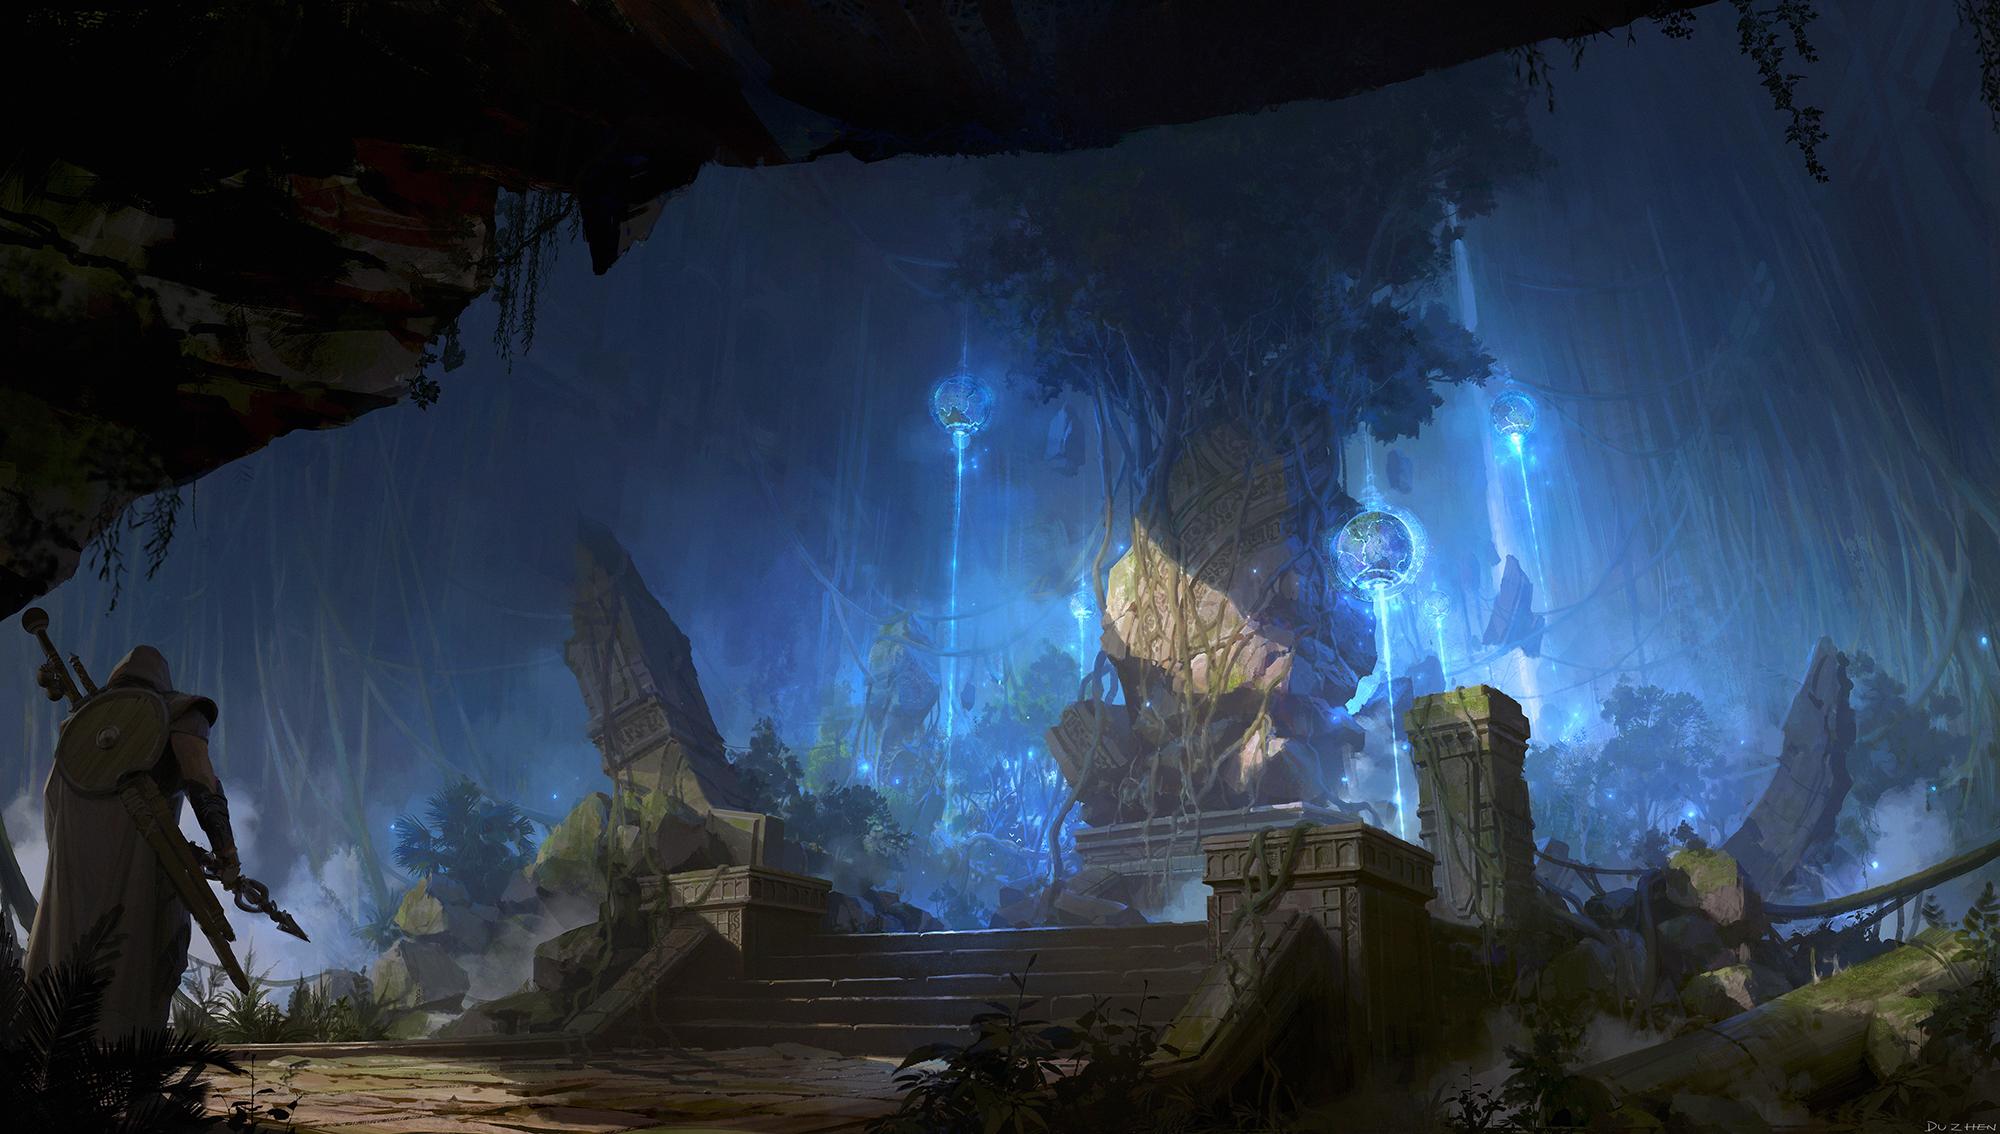 杜震-游戏原画气氛图-《圣木之源》